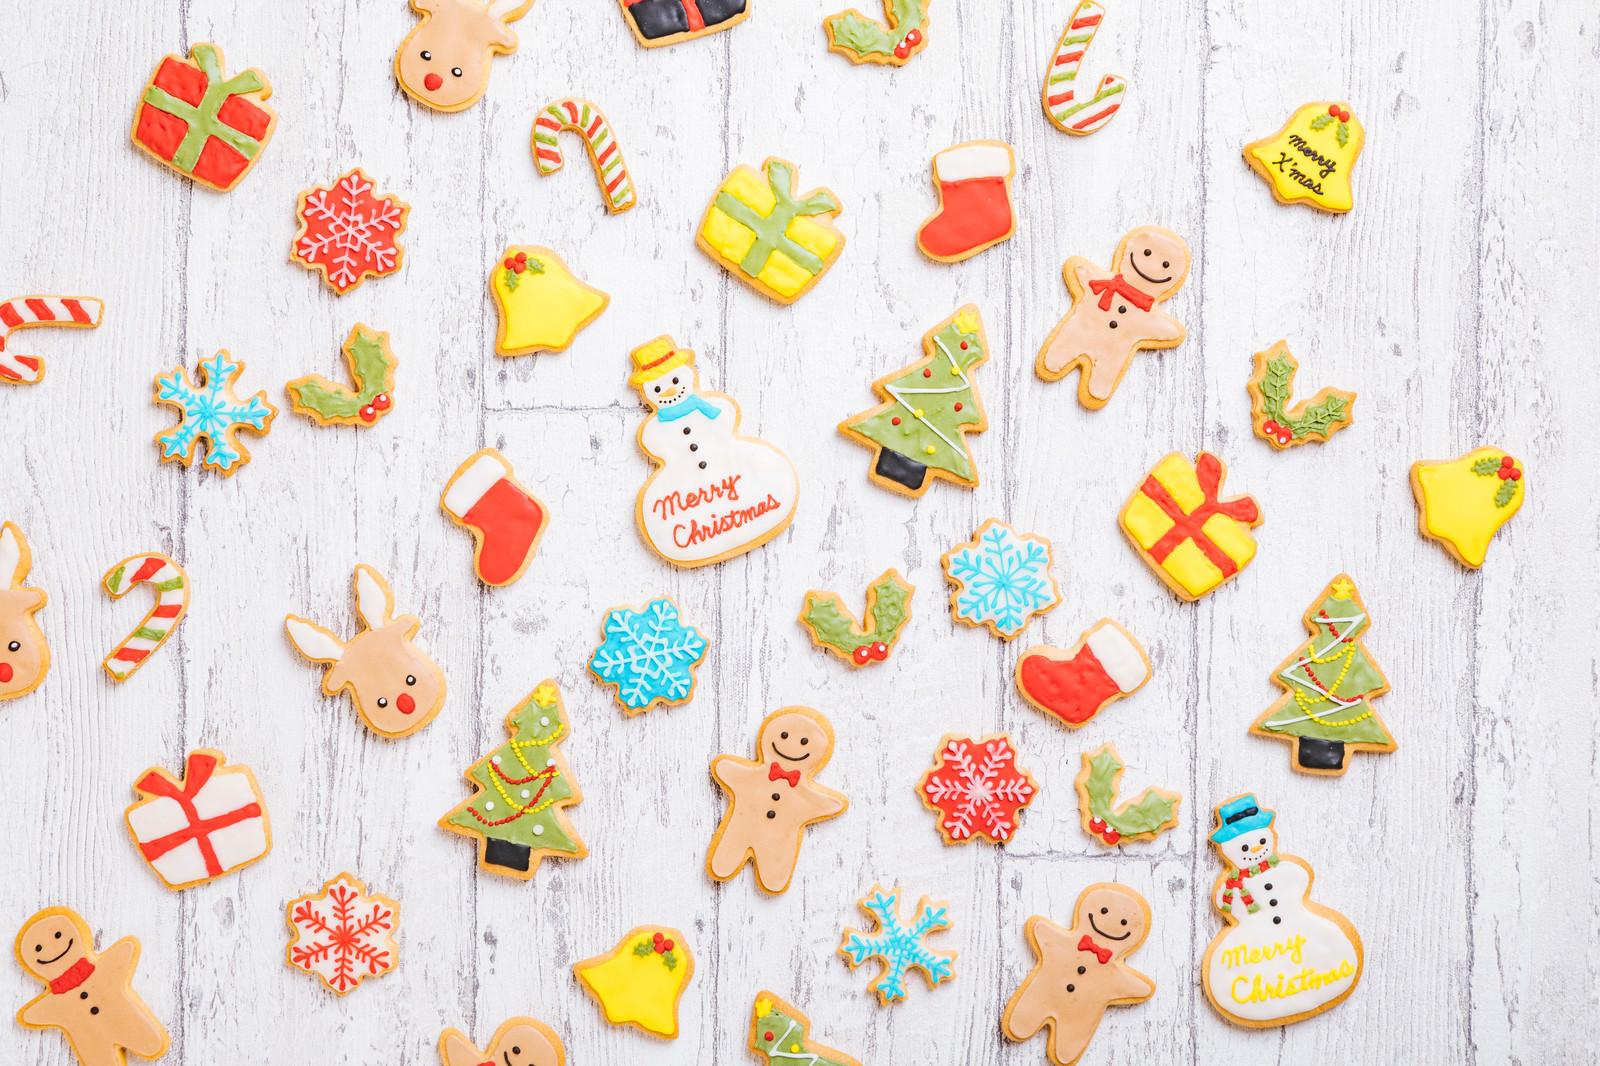 「木目の板とクリスマスアイシングクッキー木目の板とクリスマスアイシングクッキー」のフリー写真素材を拡大